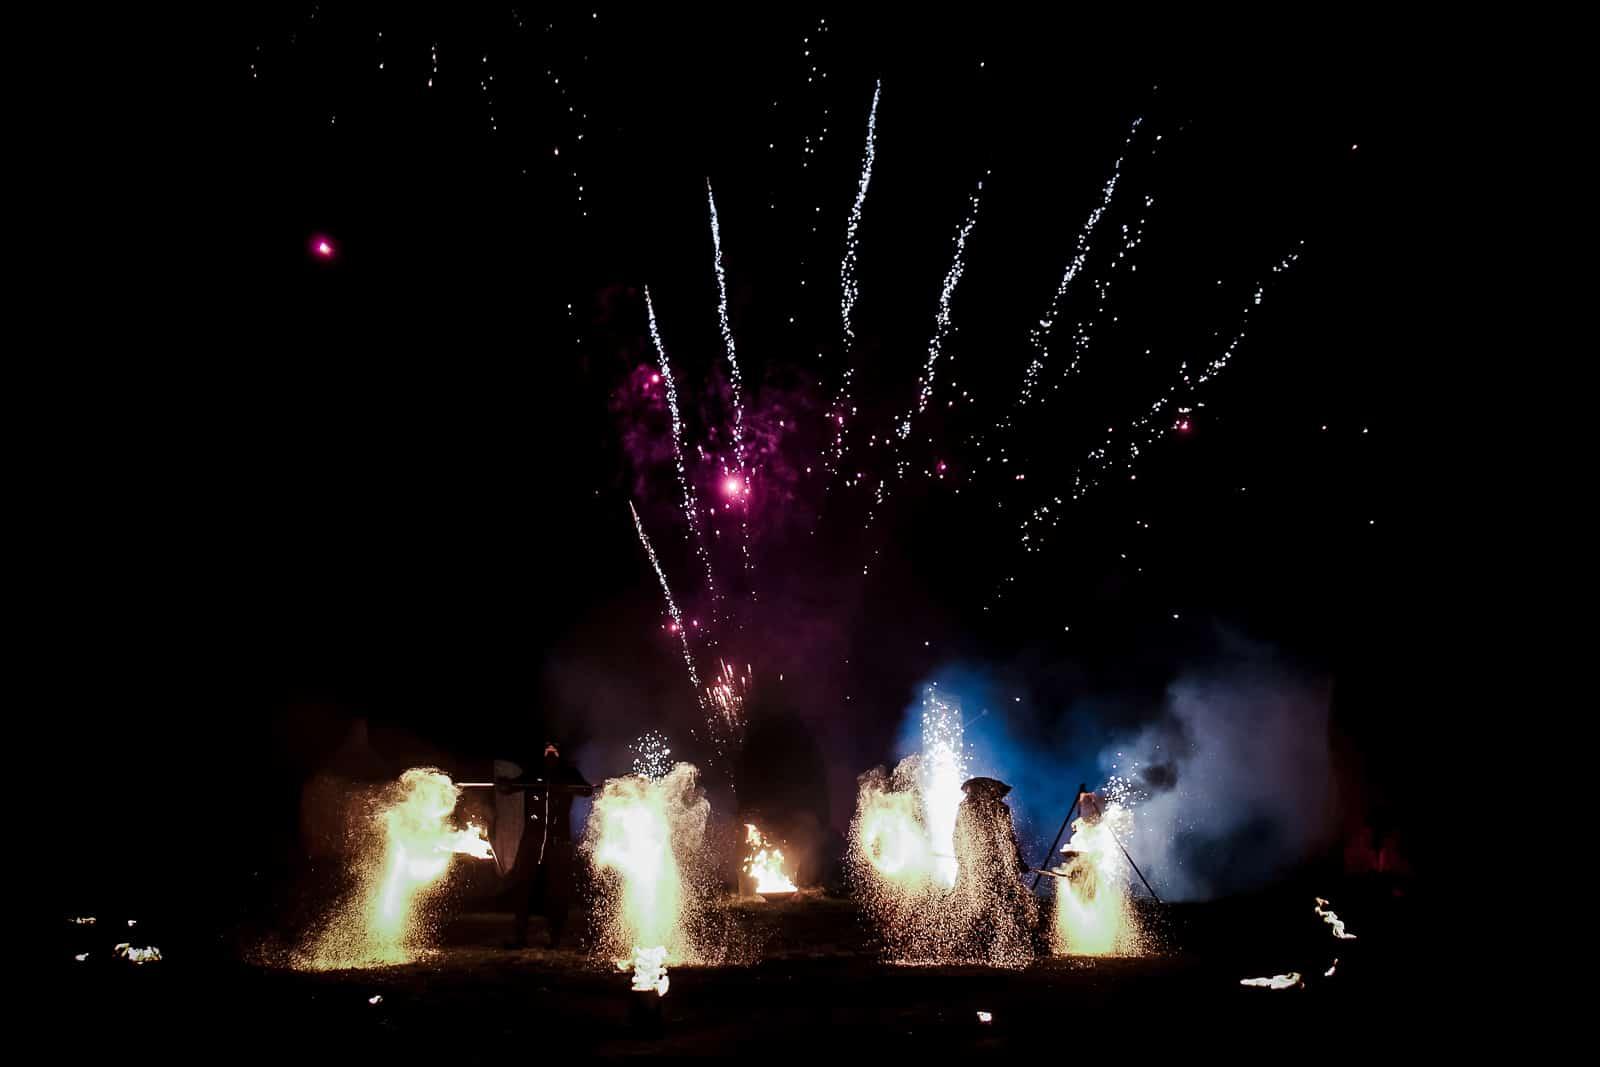 spectacle de feu,jongleurs de feu, compagnie belizama, cracheurs de feu, spectacle de rue, spectacle de feu bretagne, spectacle pyrotechnique, belizama, bretagne